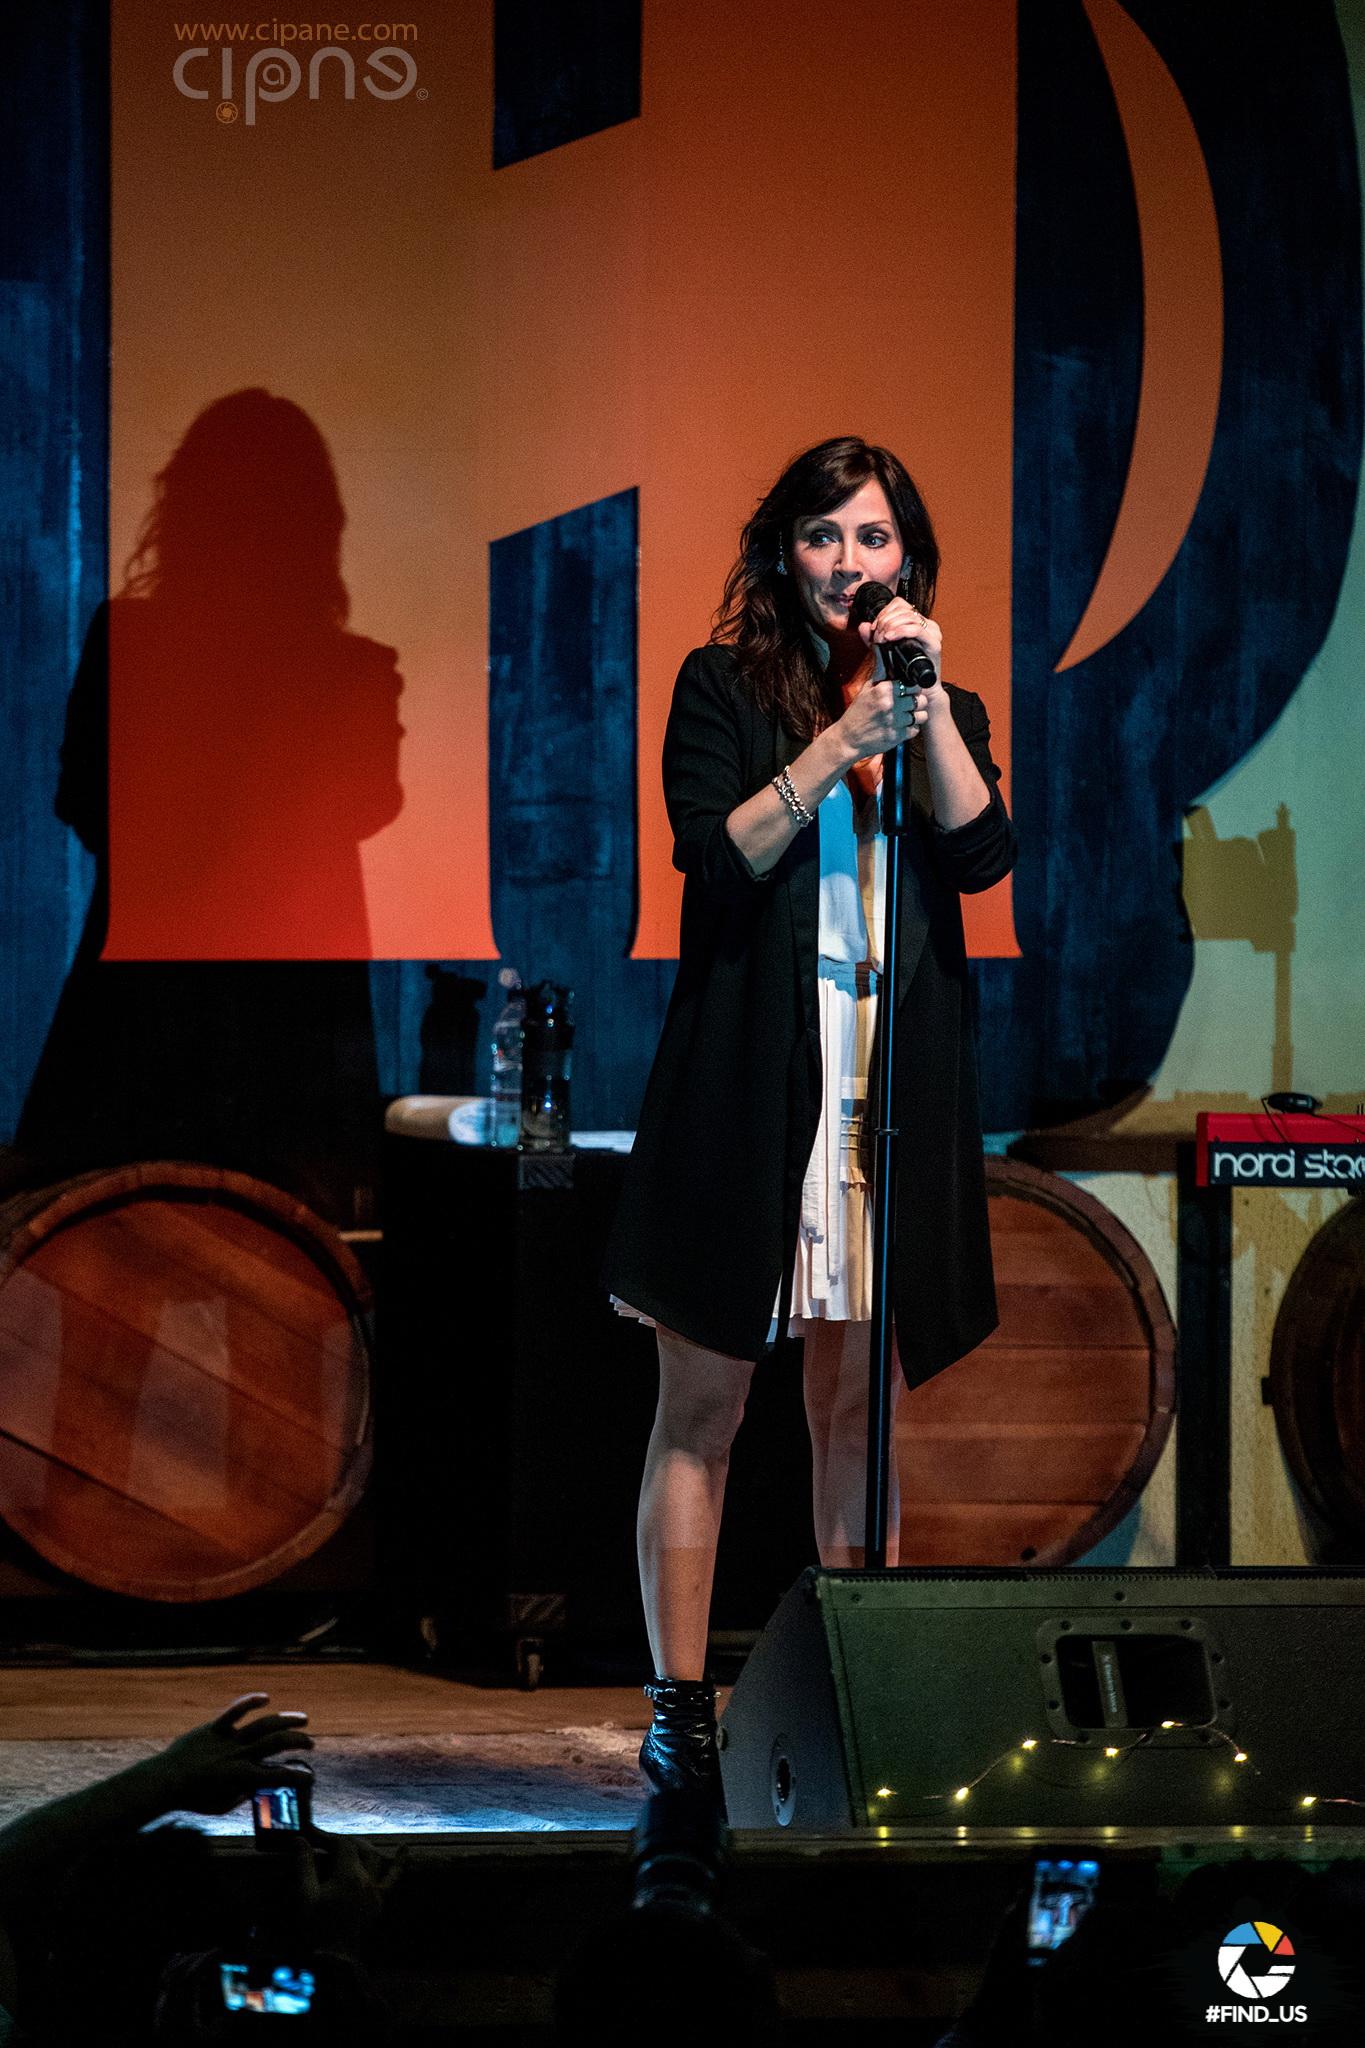 Natalie Imbruglia - 29 aprilie 2017 - Berăria H, București